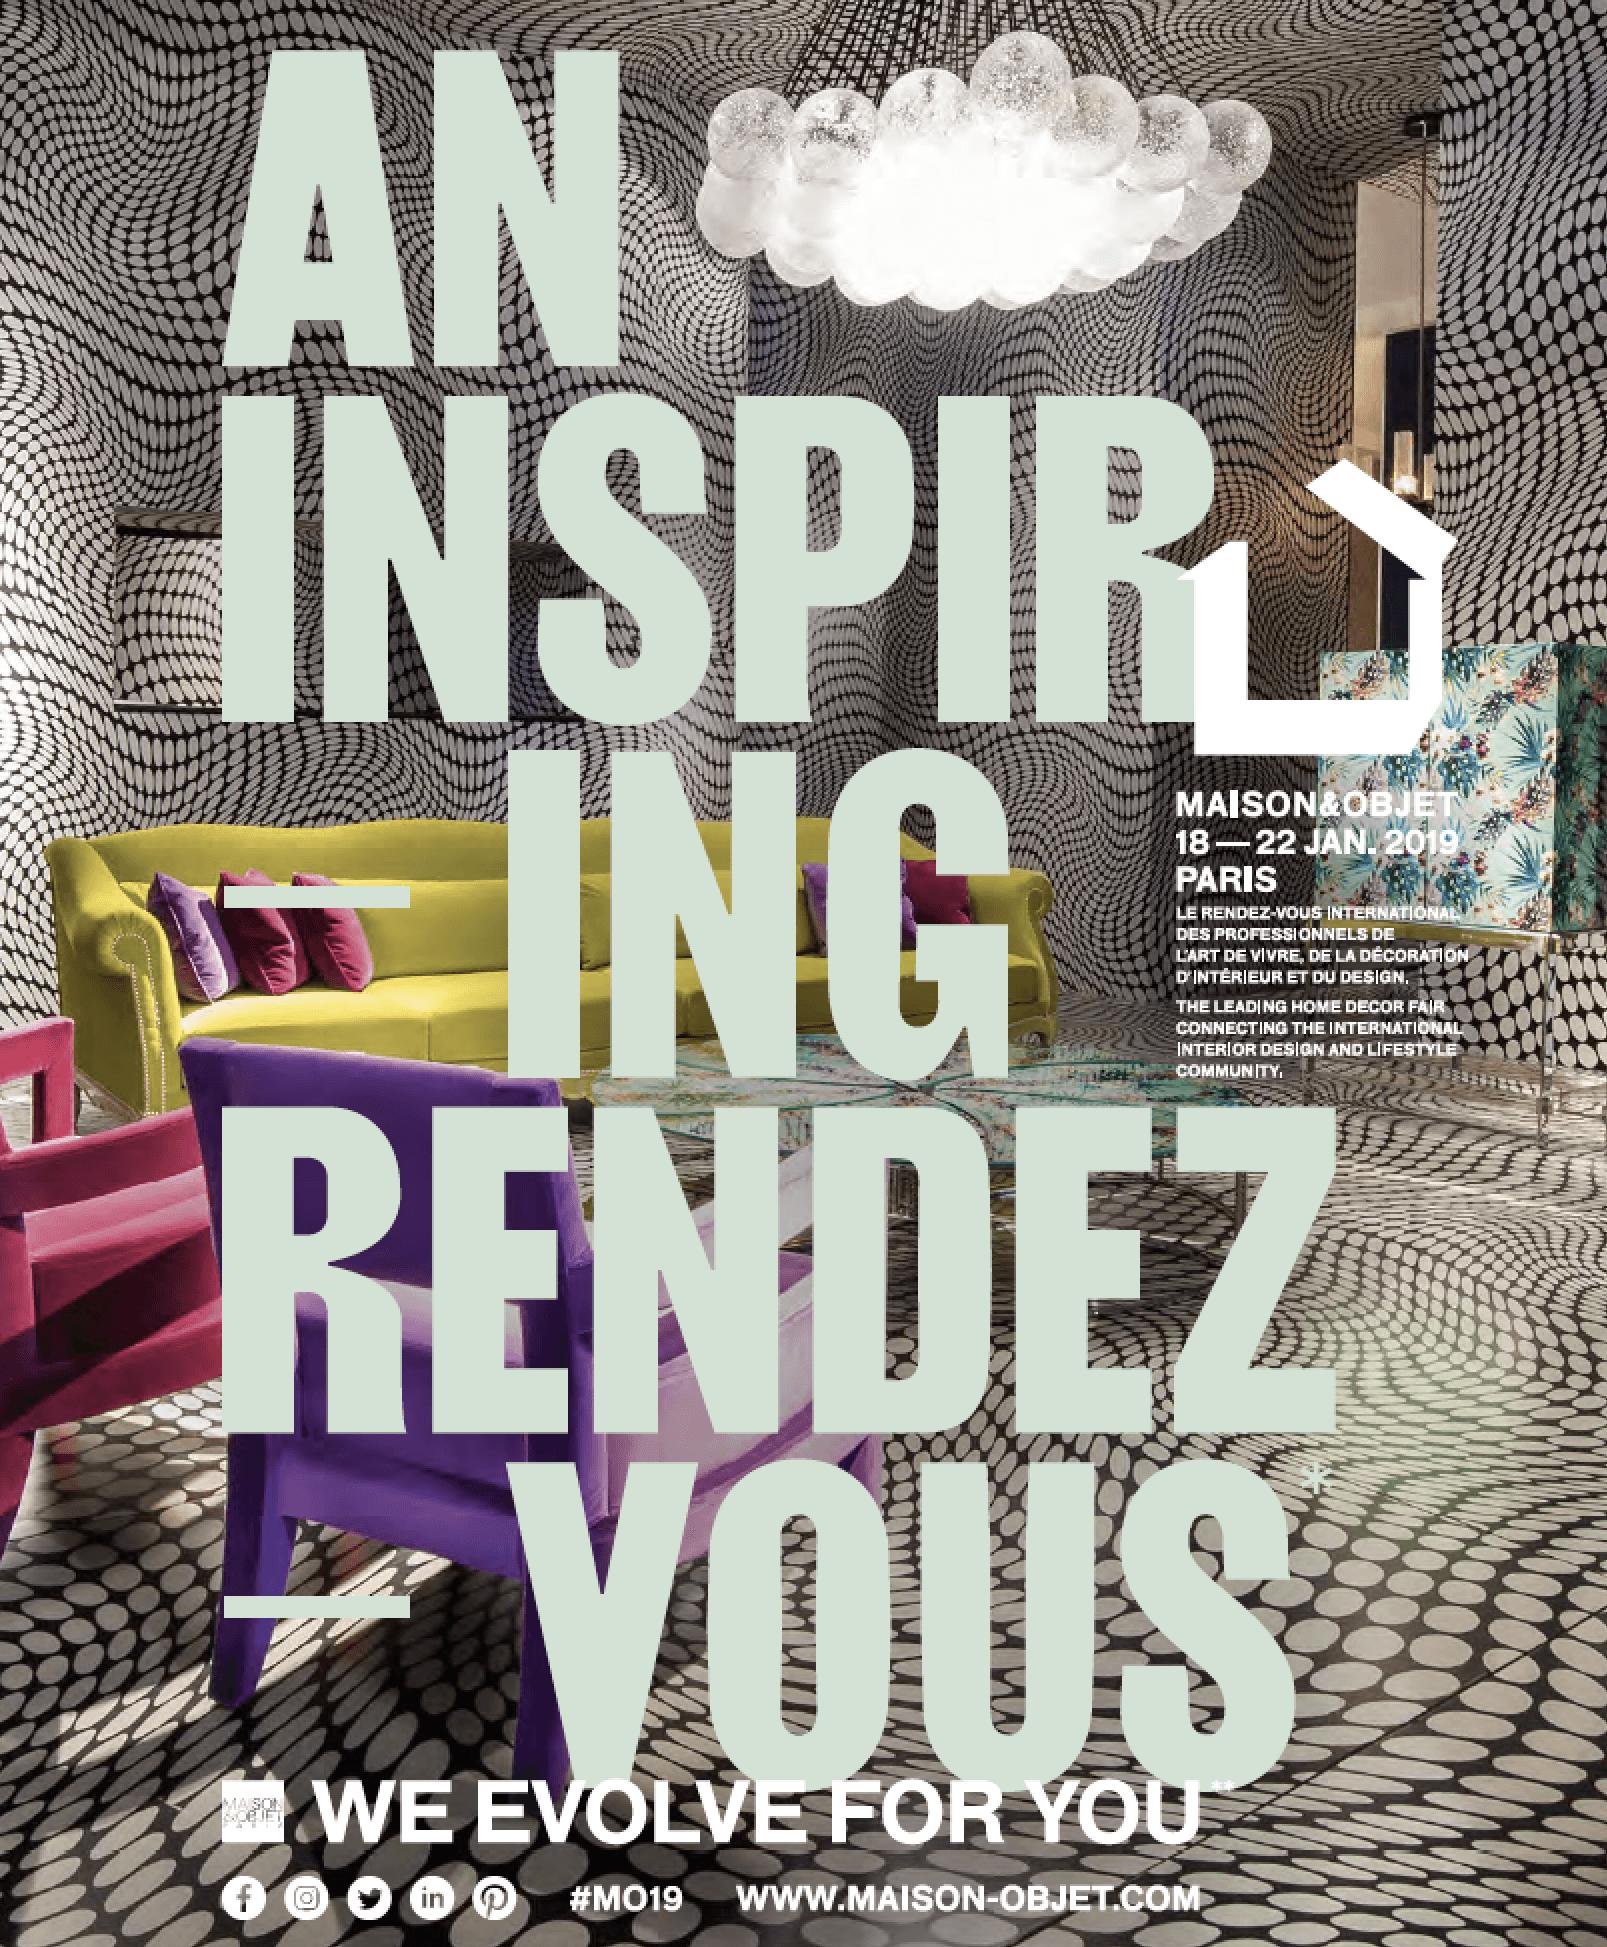 Maison et Objet Paris 18-22 January 2019